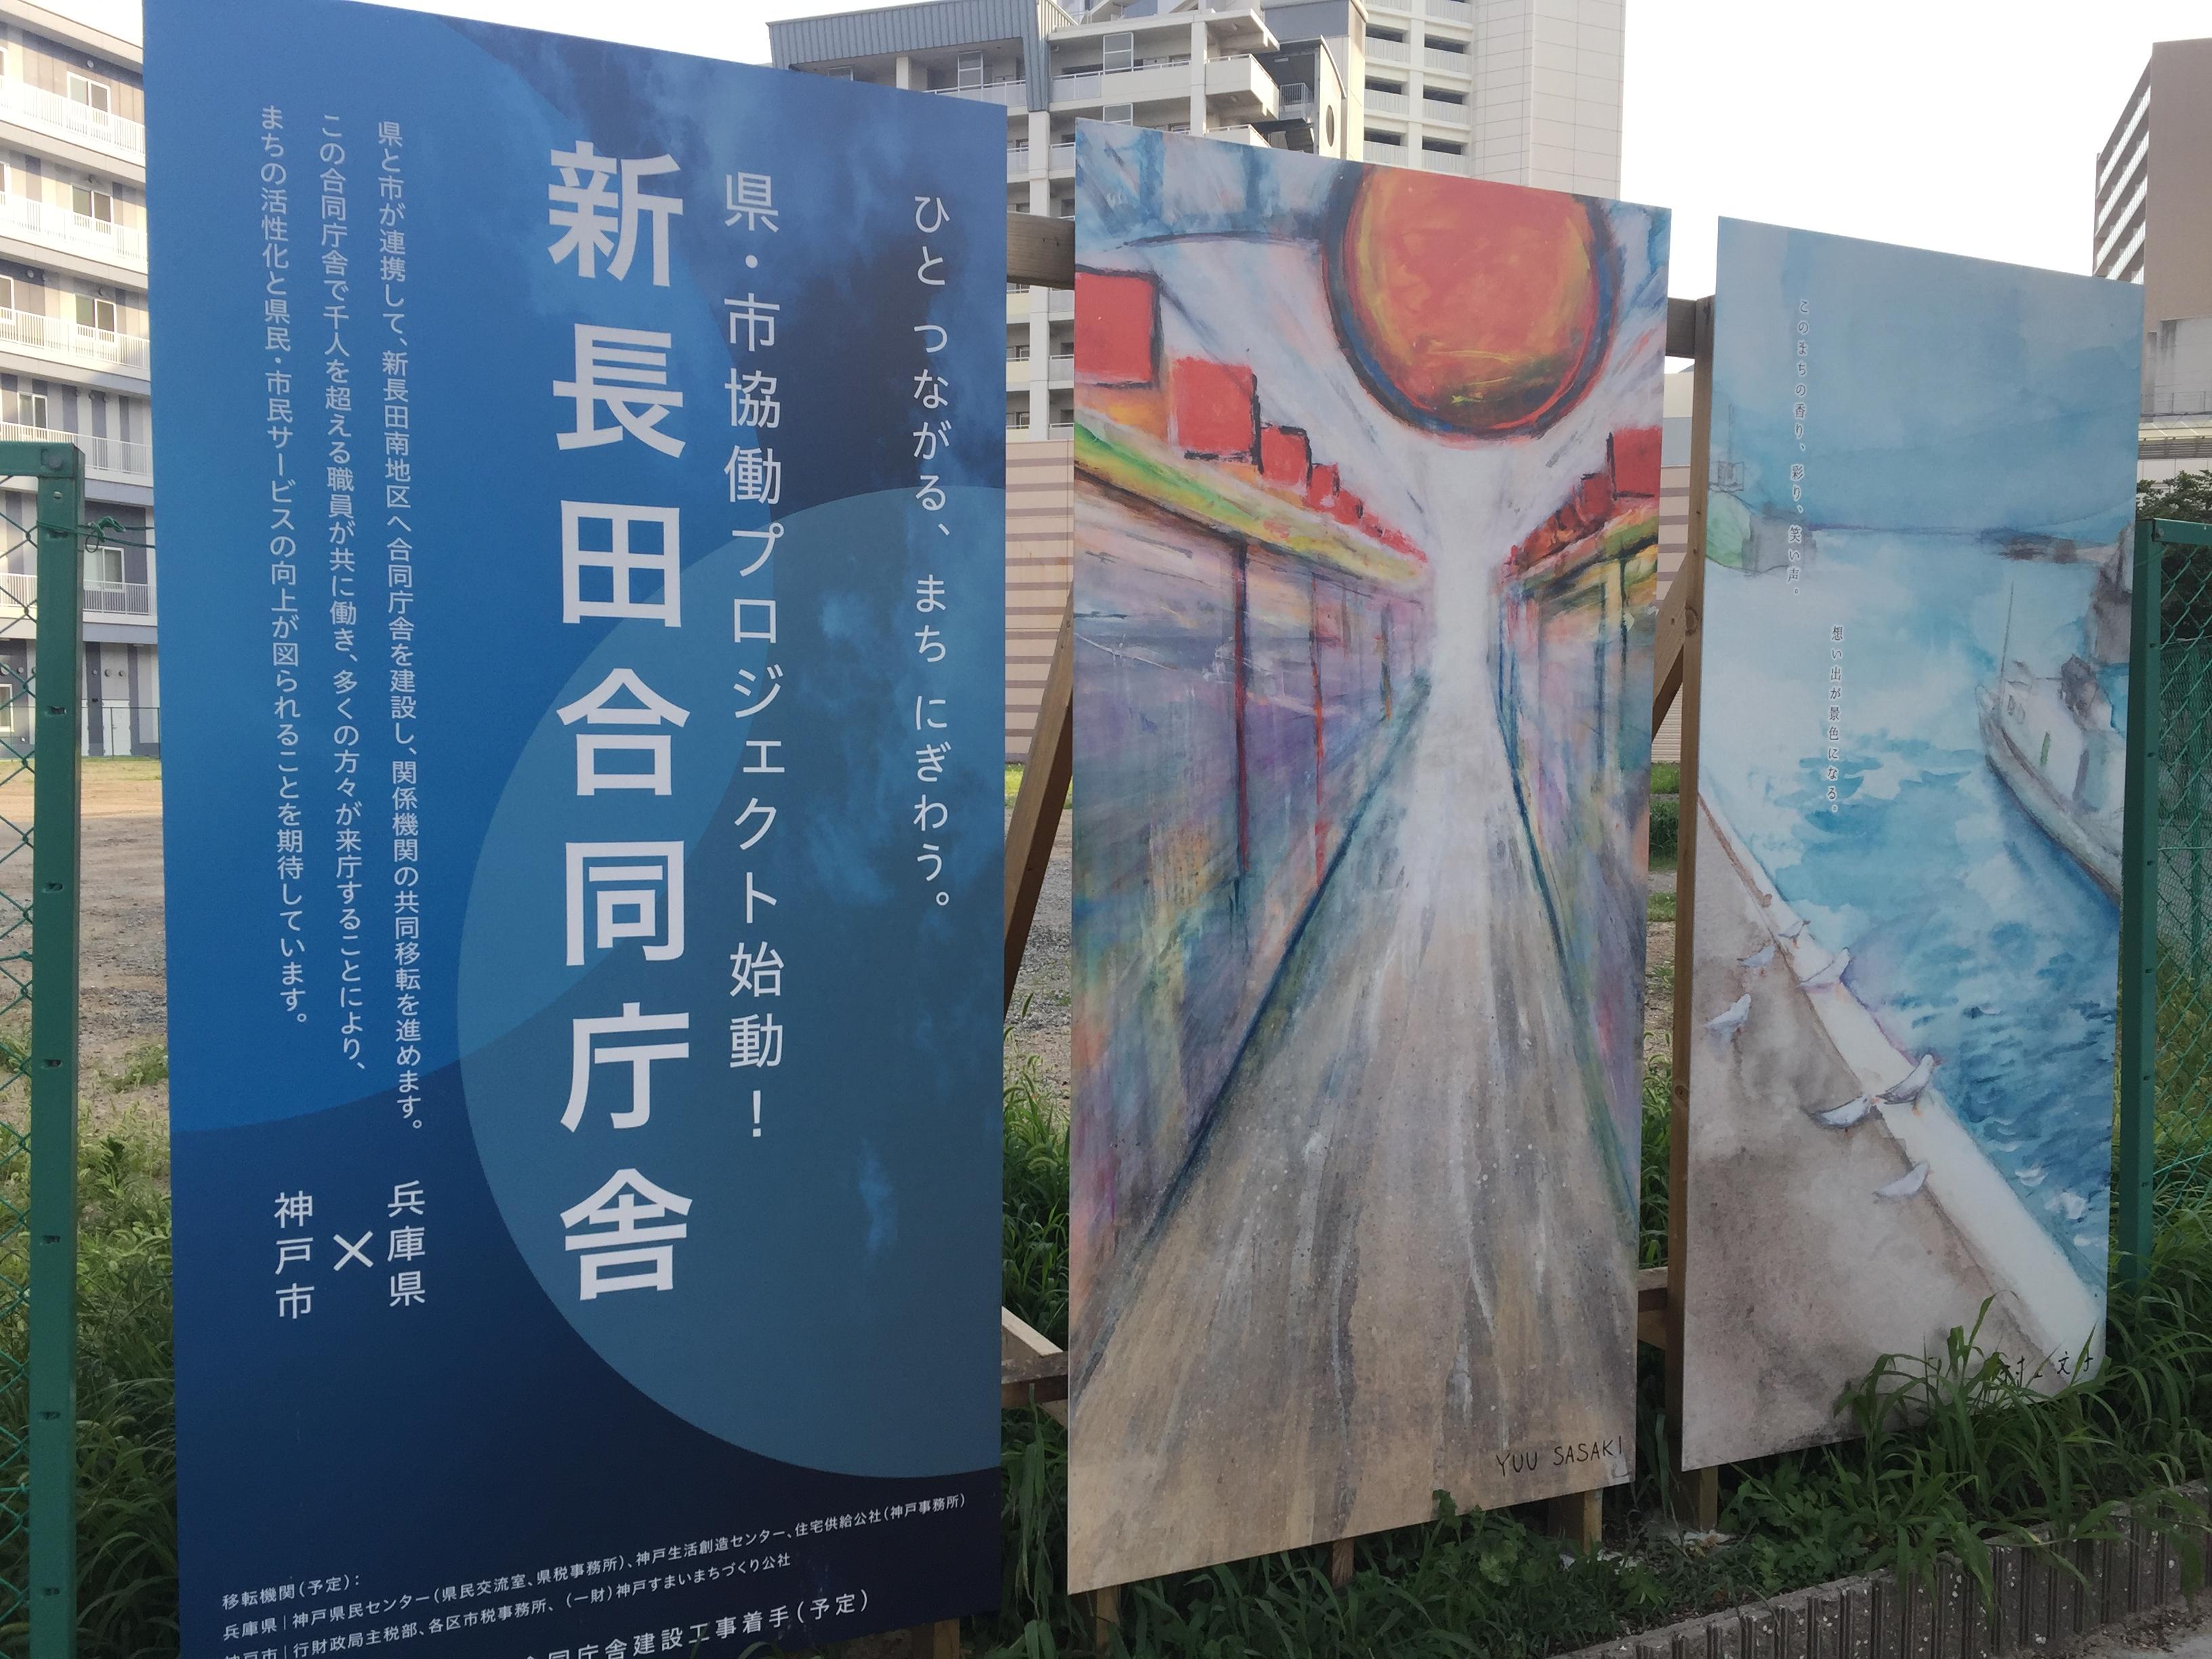 神戸・新長田合同庁舎の建設予定地の様子を見てきたよ!【※写真付レポ】#新長田